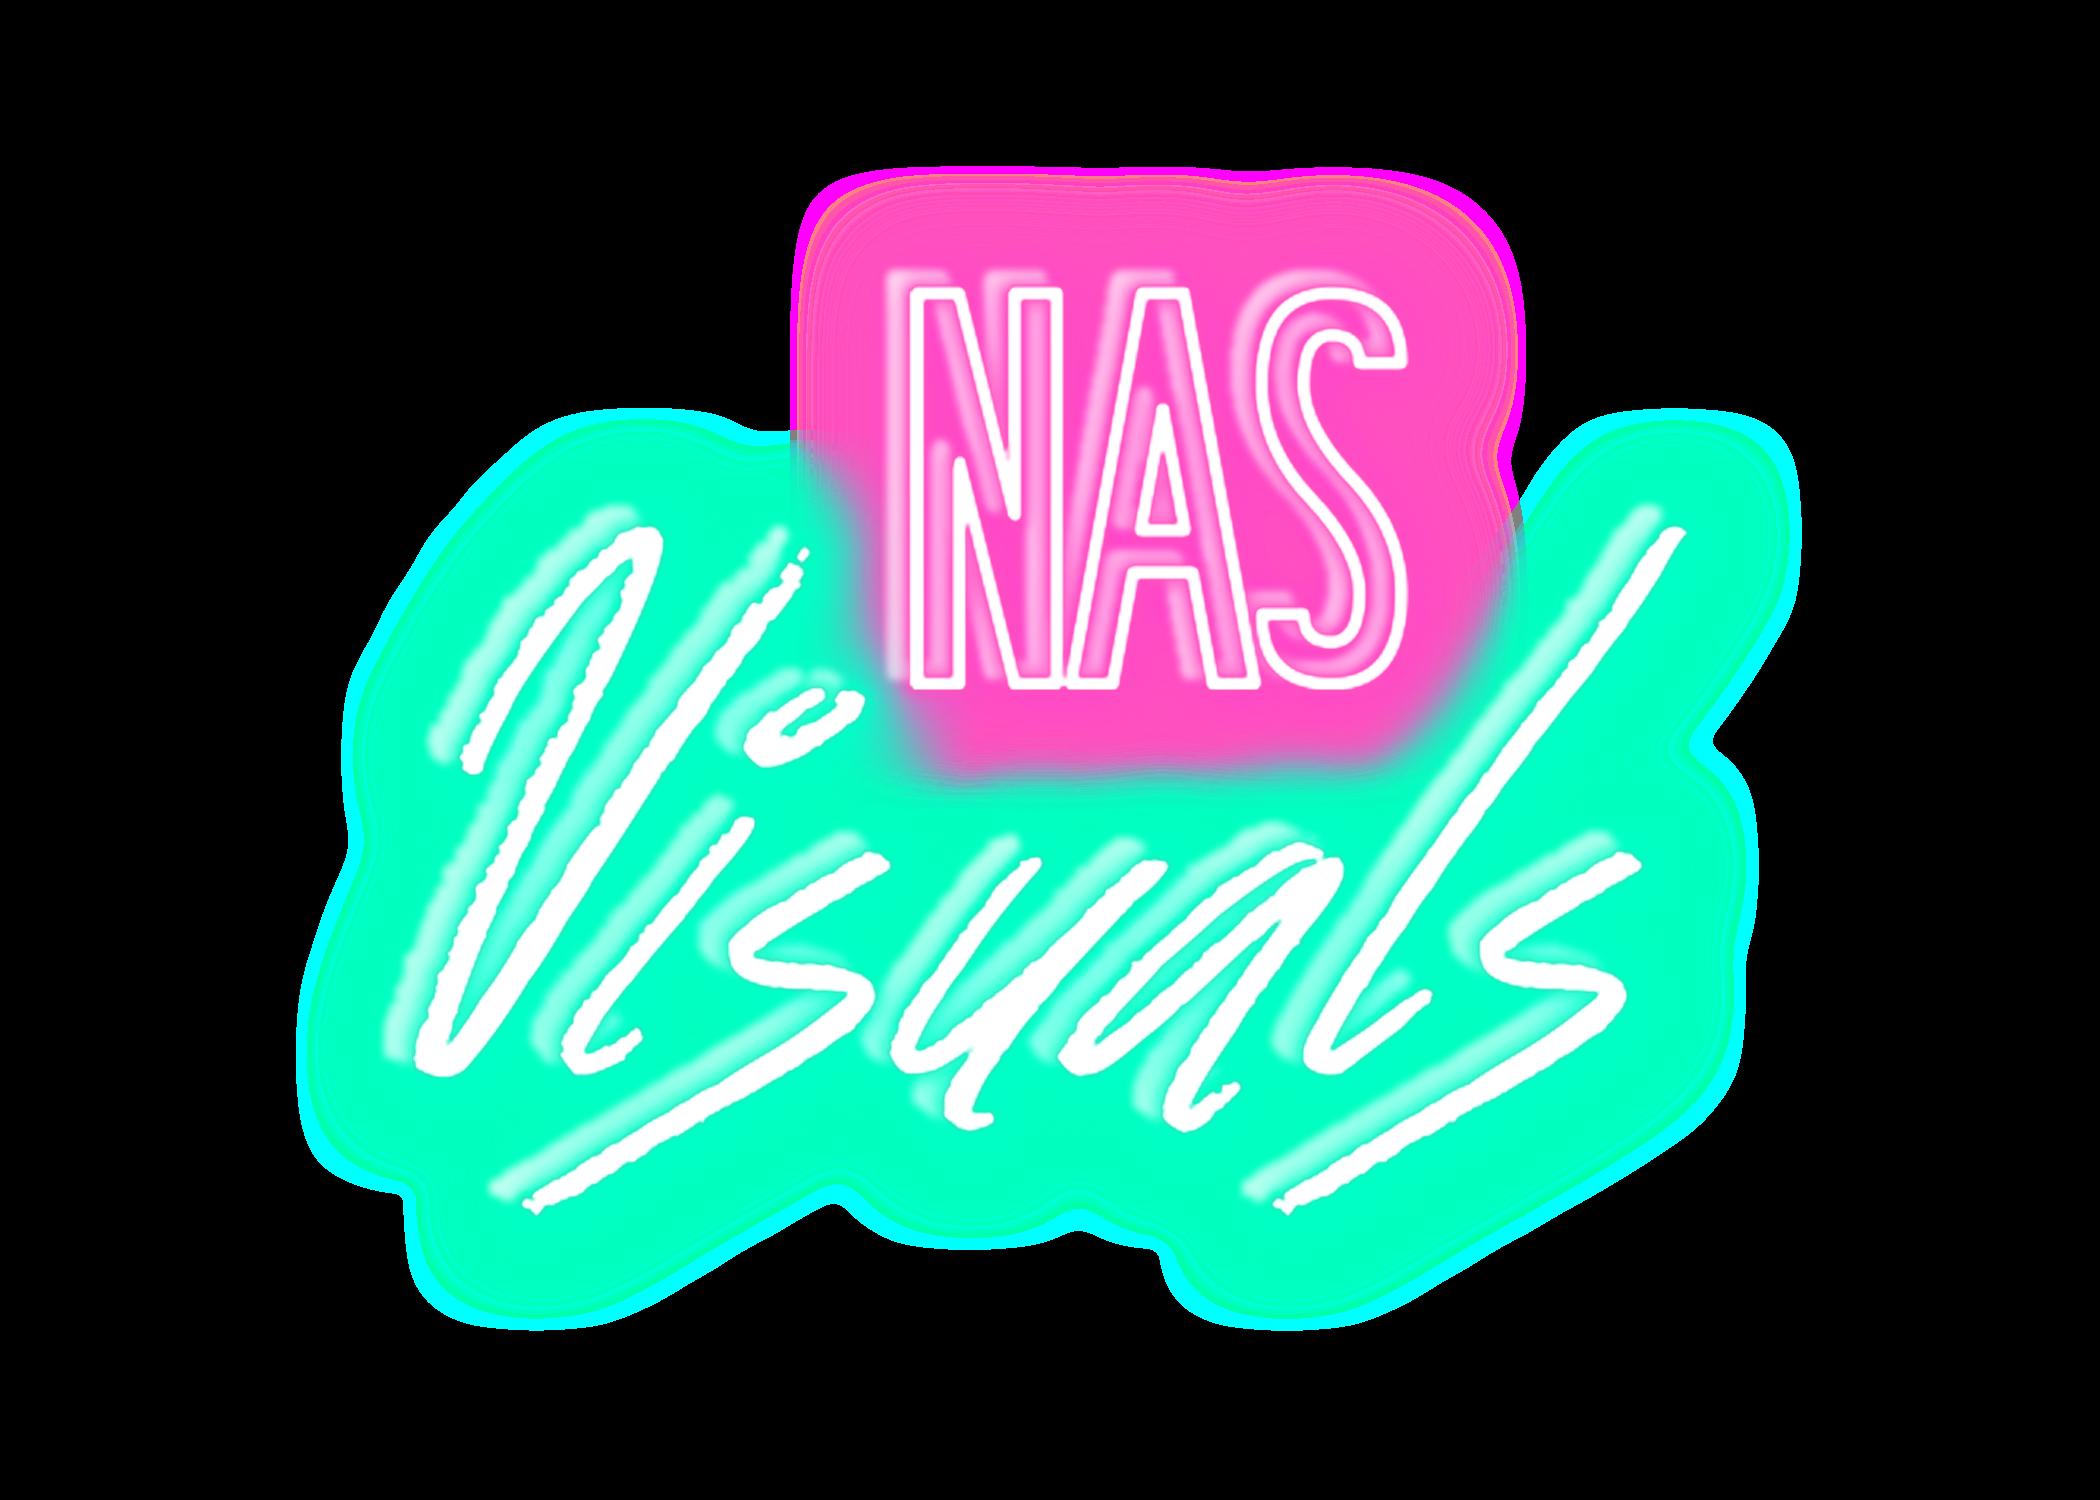 NAS-Visuals-2.png